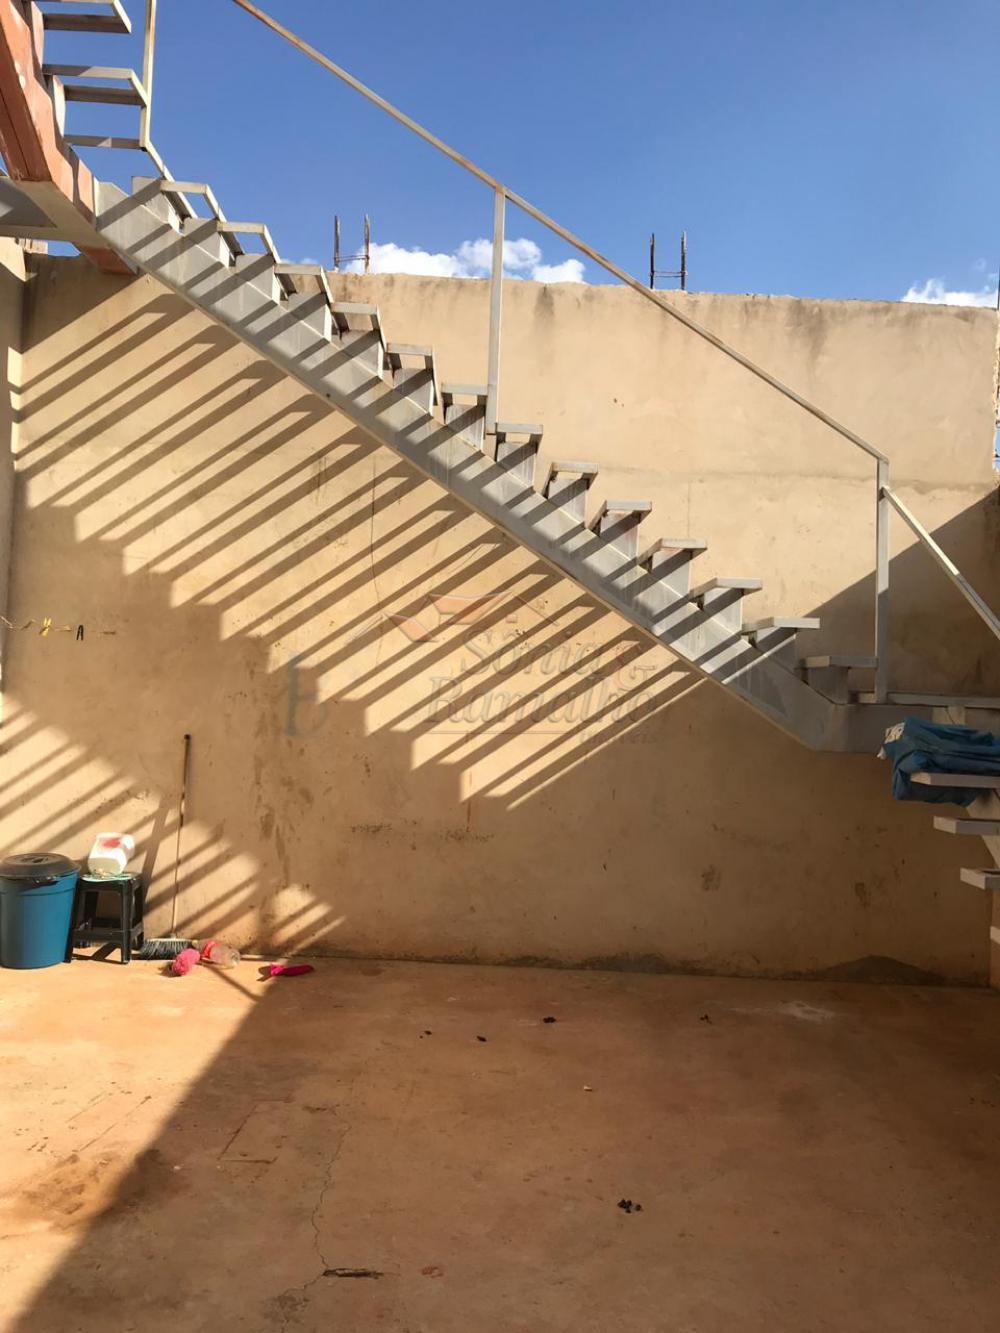 Alugar Casas / Padrão em Jardinópolis R$ 2.300,00 - Foto 19